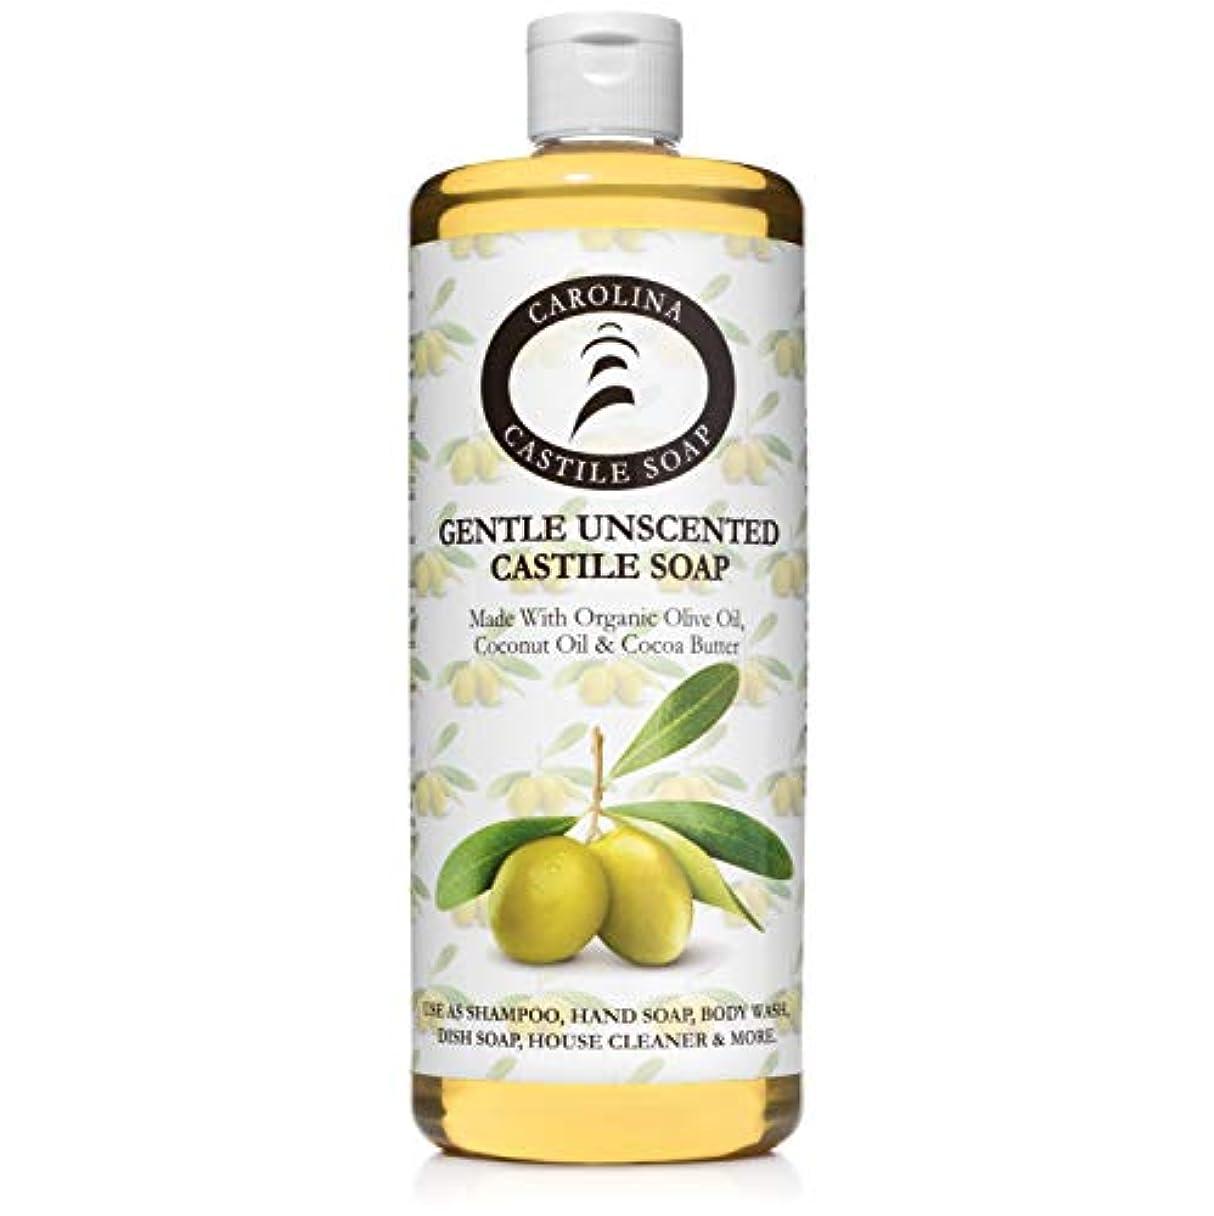 速記温かい信仰Carolina Castile Soap ジェントル無香料認定オーガニック 32オズ